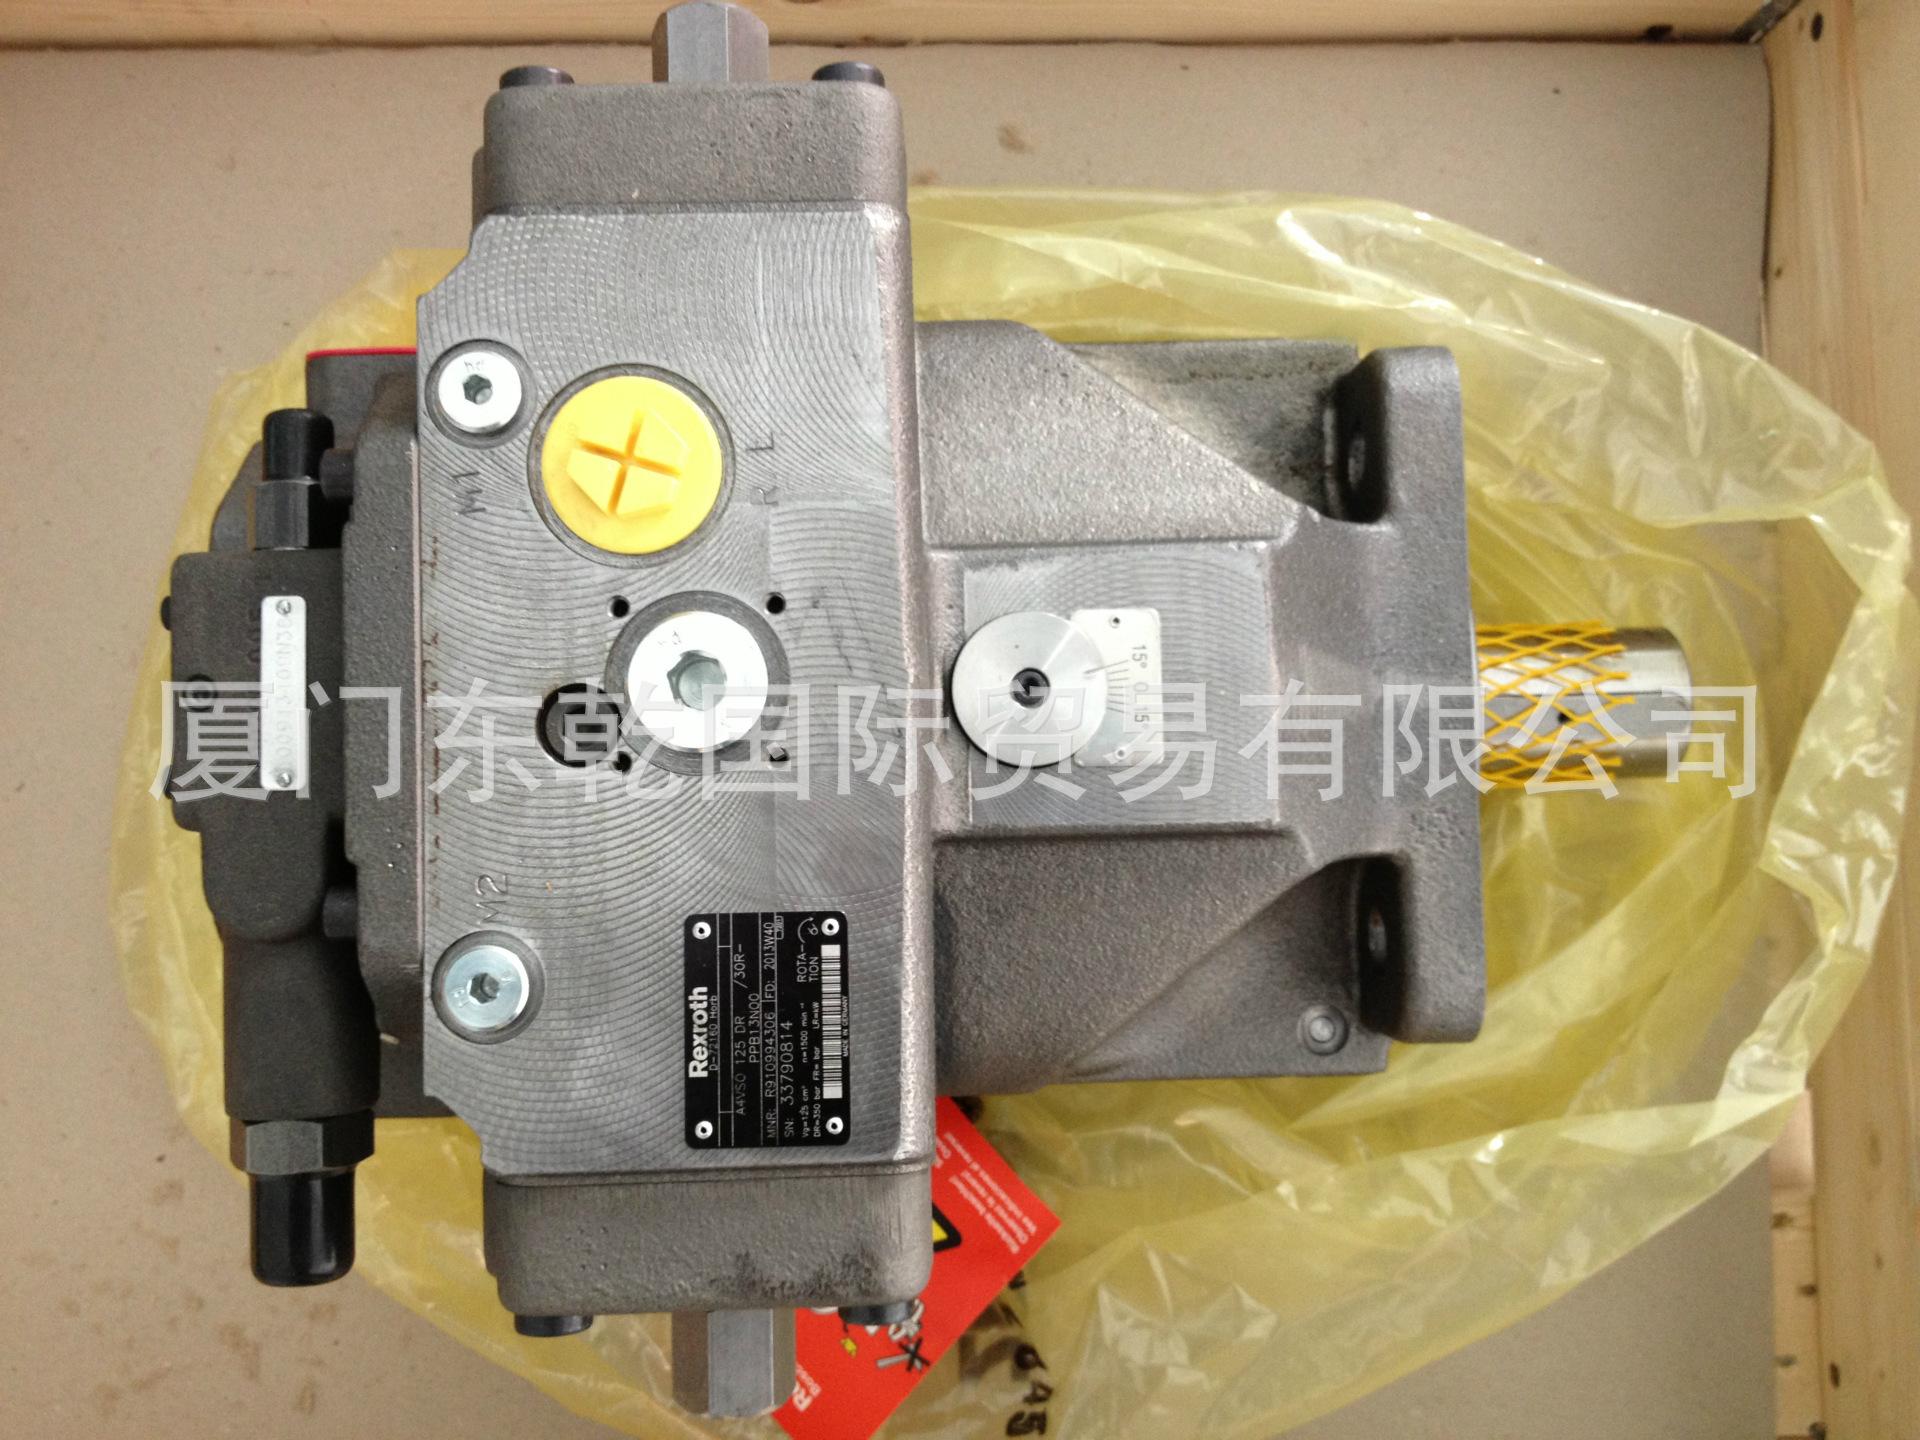 现货销售力士乐变量泵A4VSO125DRG/30R-PPB13N00原装全新REXROTH